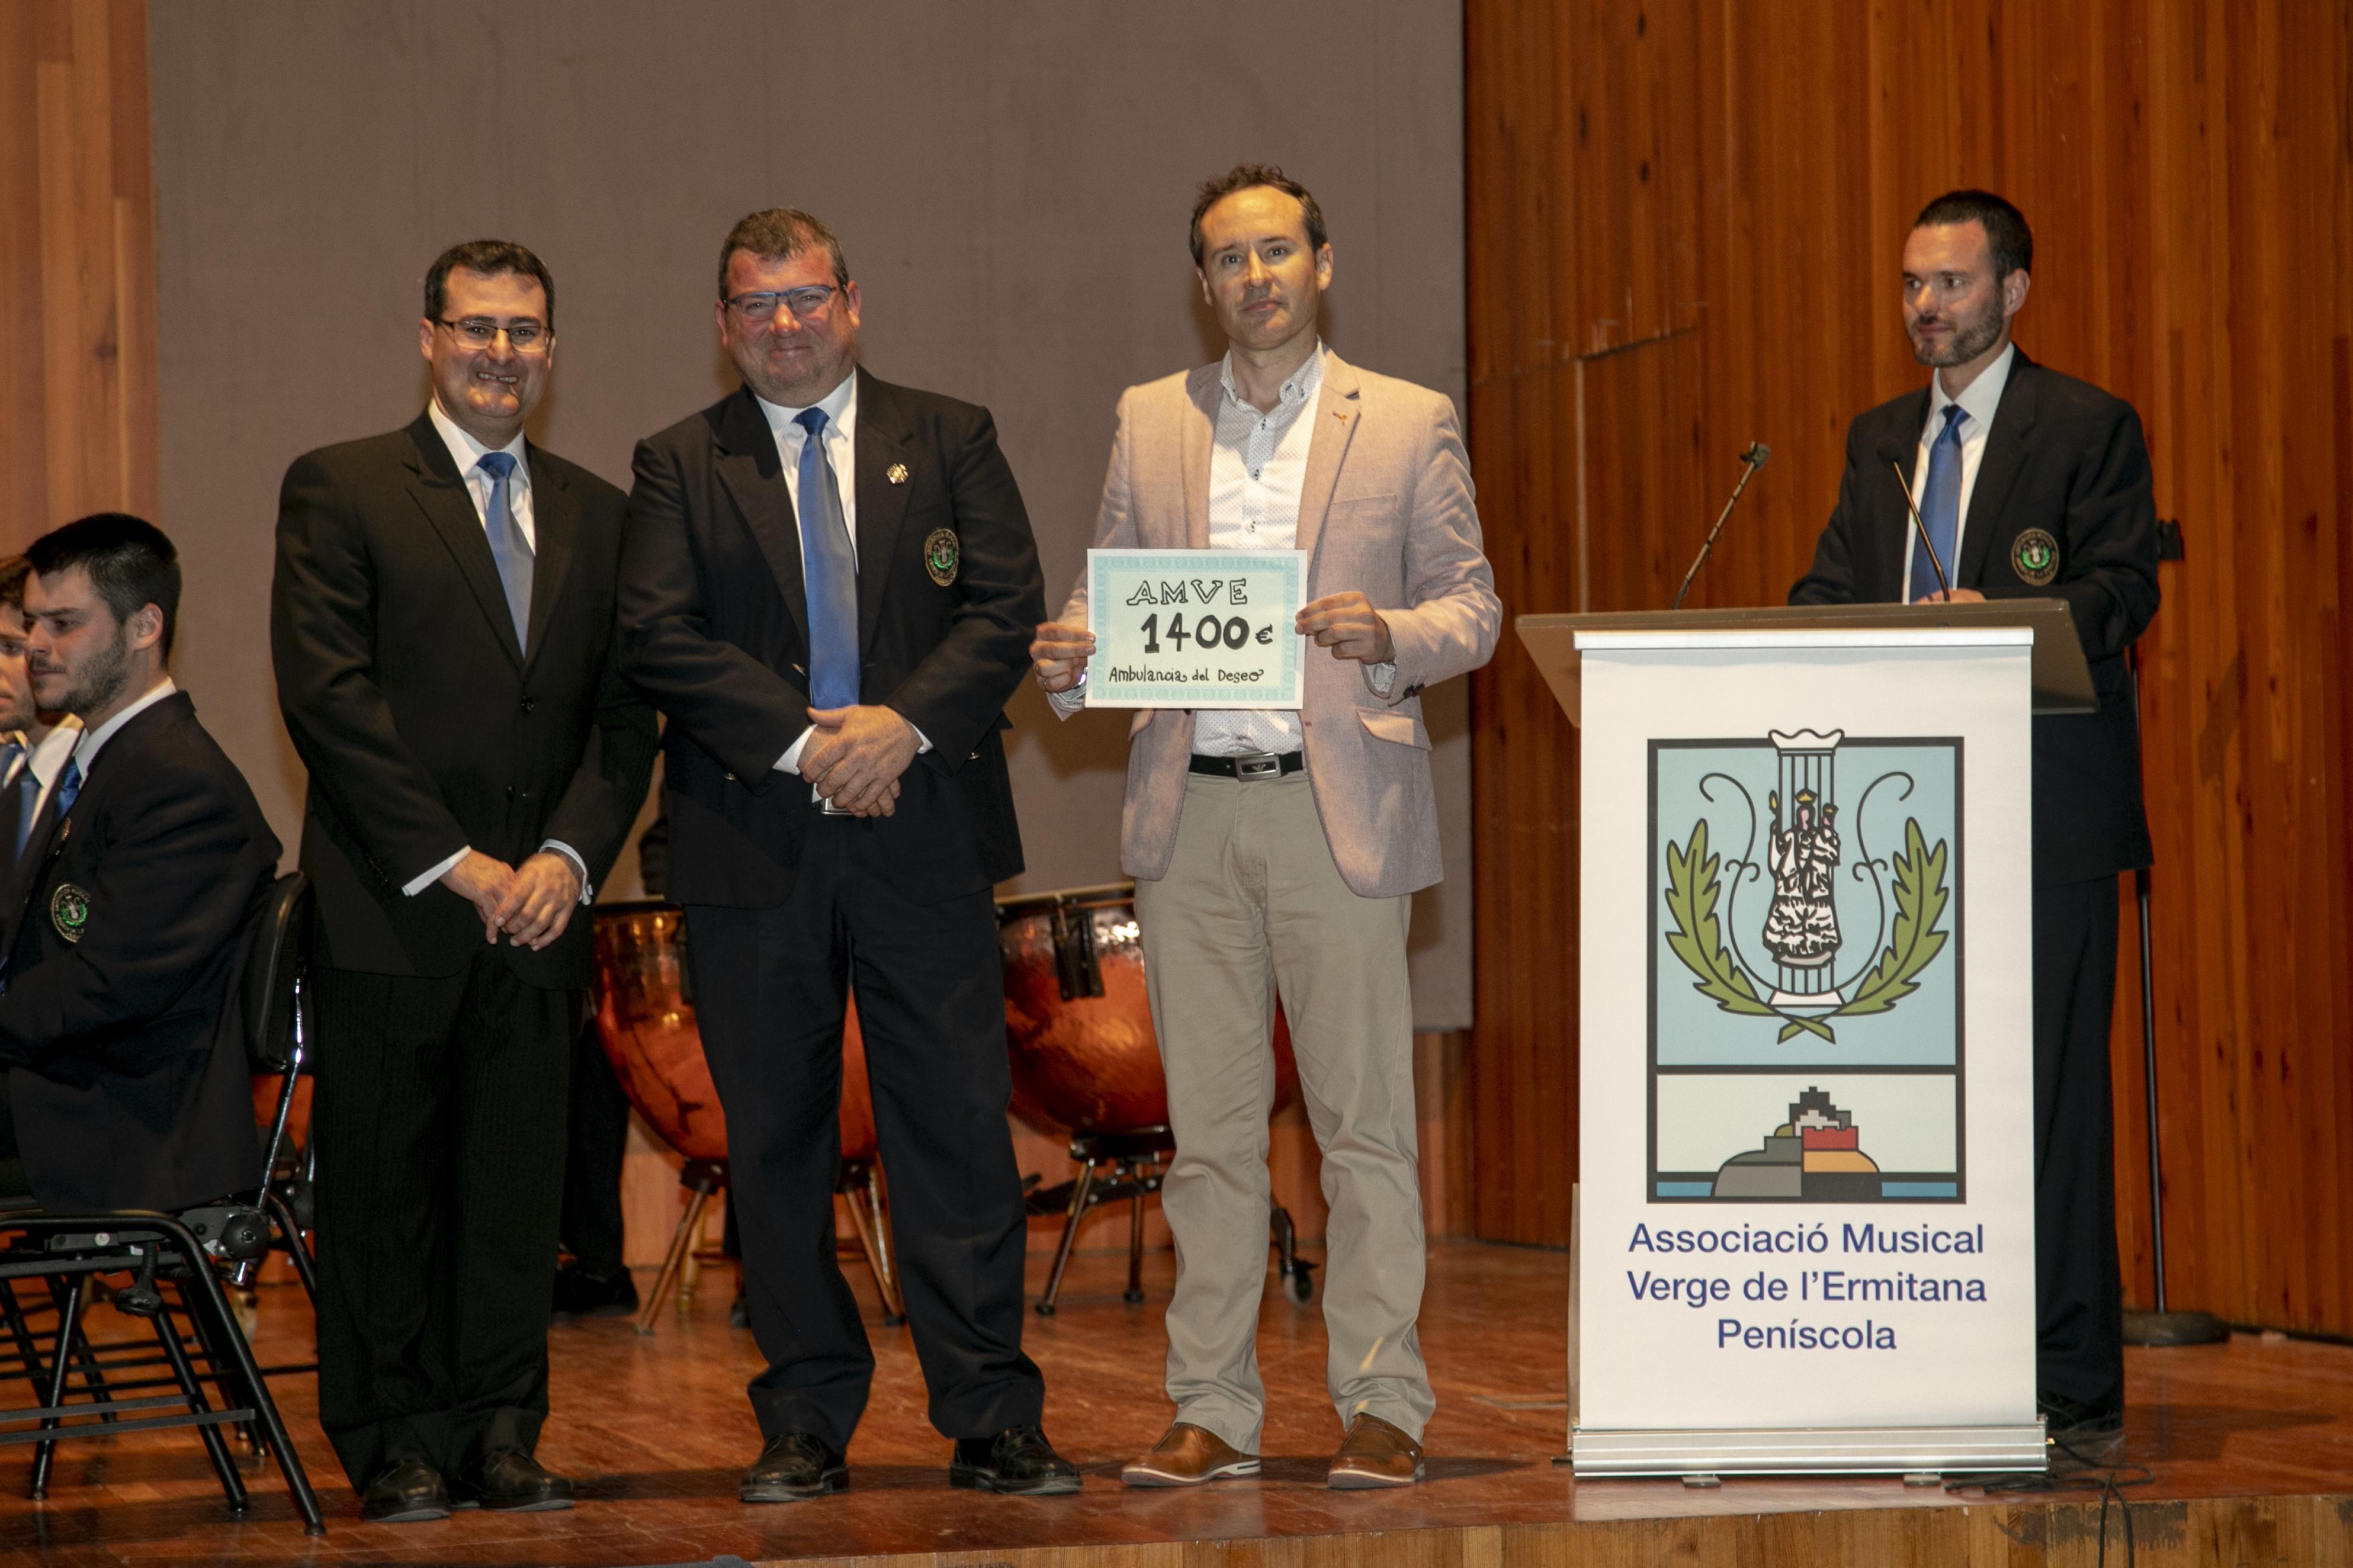 Peníscola, l'Associació Musical Verge de l'Ermitana entrega 1.400€ a la fundació l'